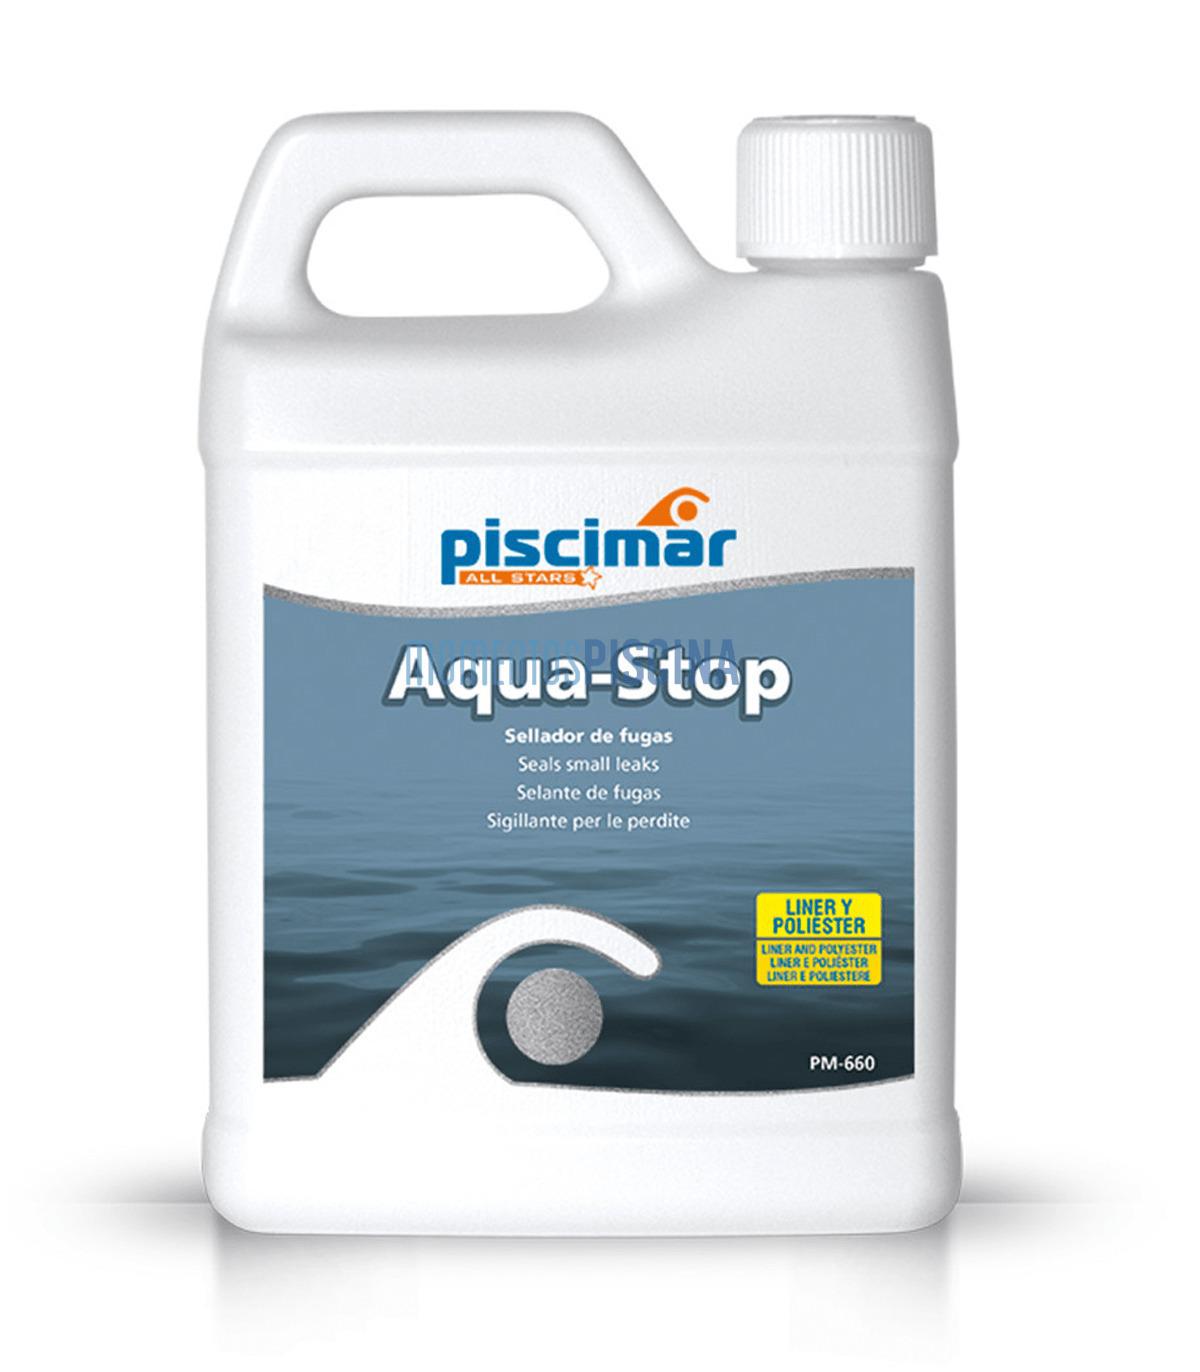 ▷ Aqua-Stop - Leak sealer | Best Price ✅